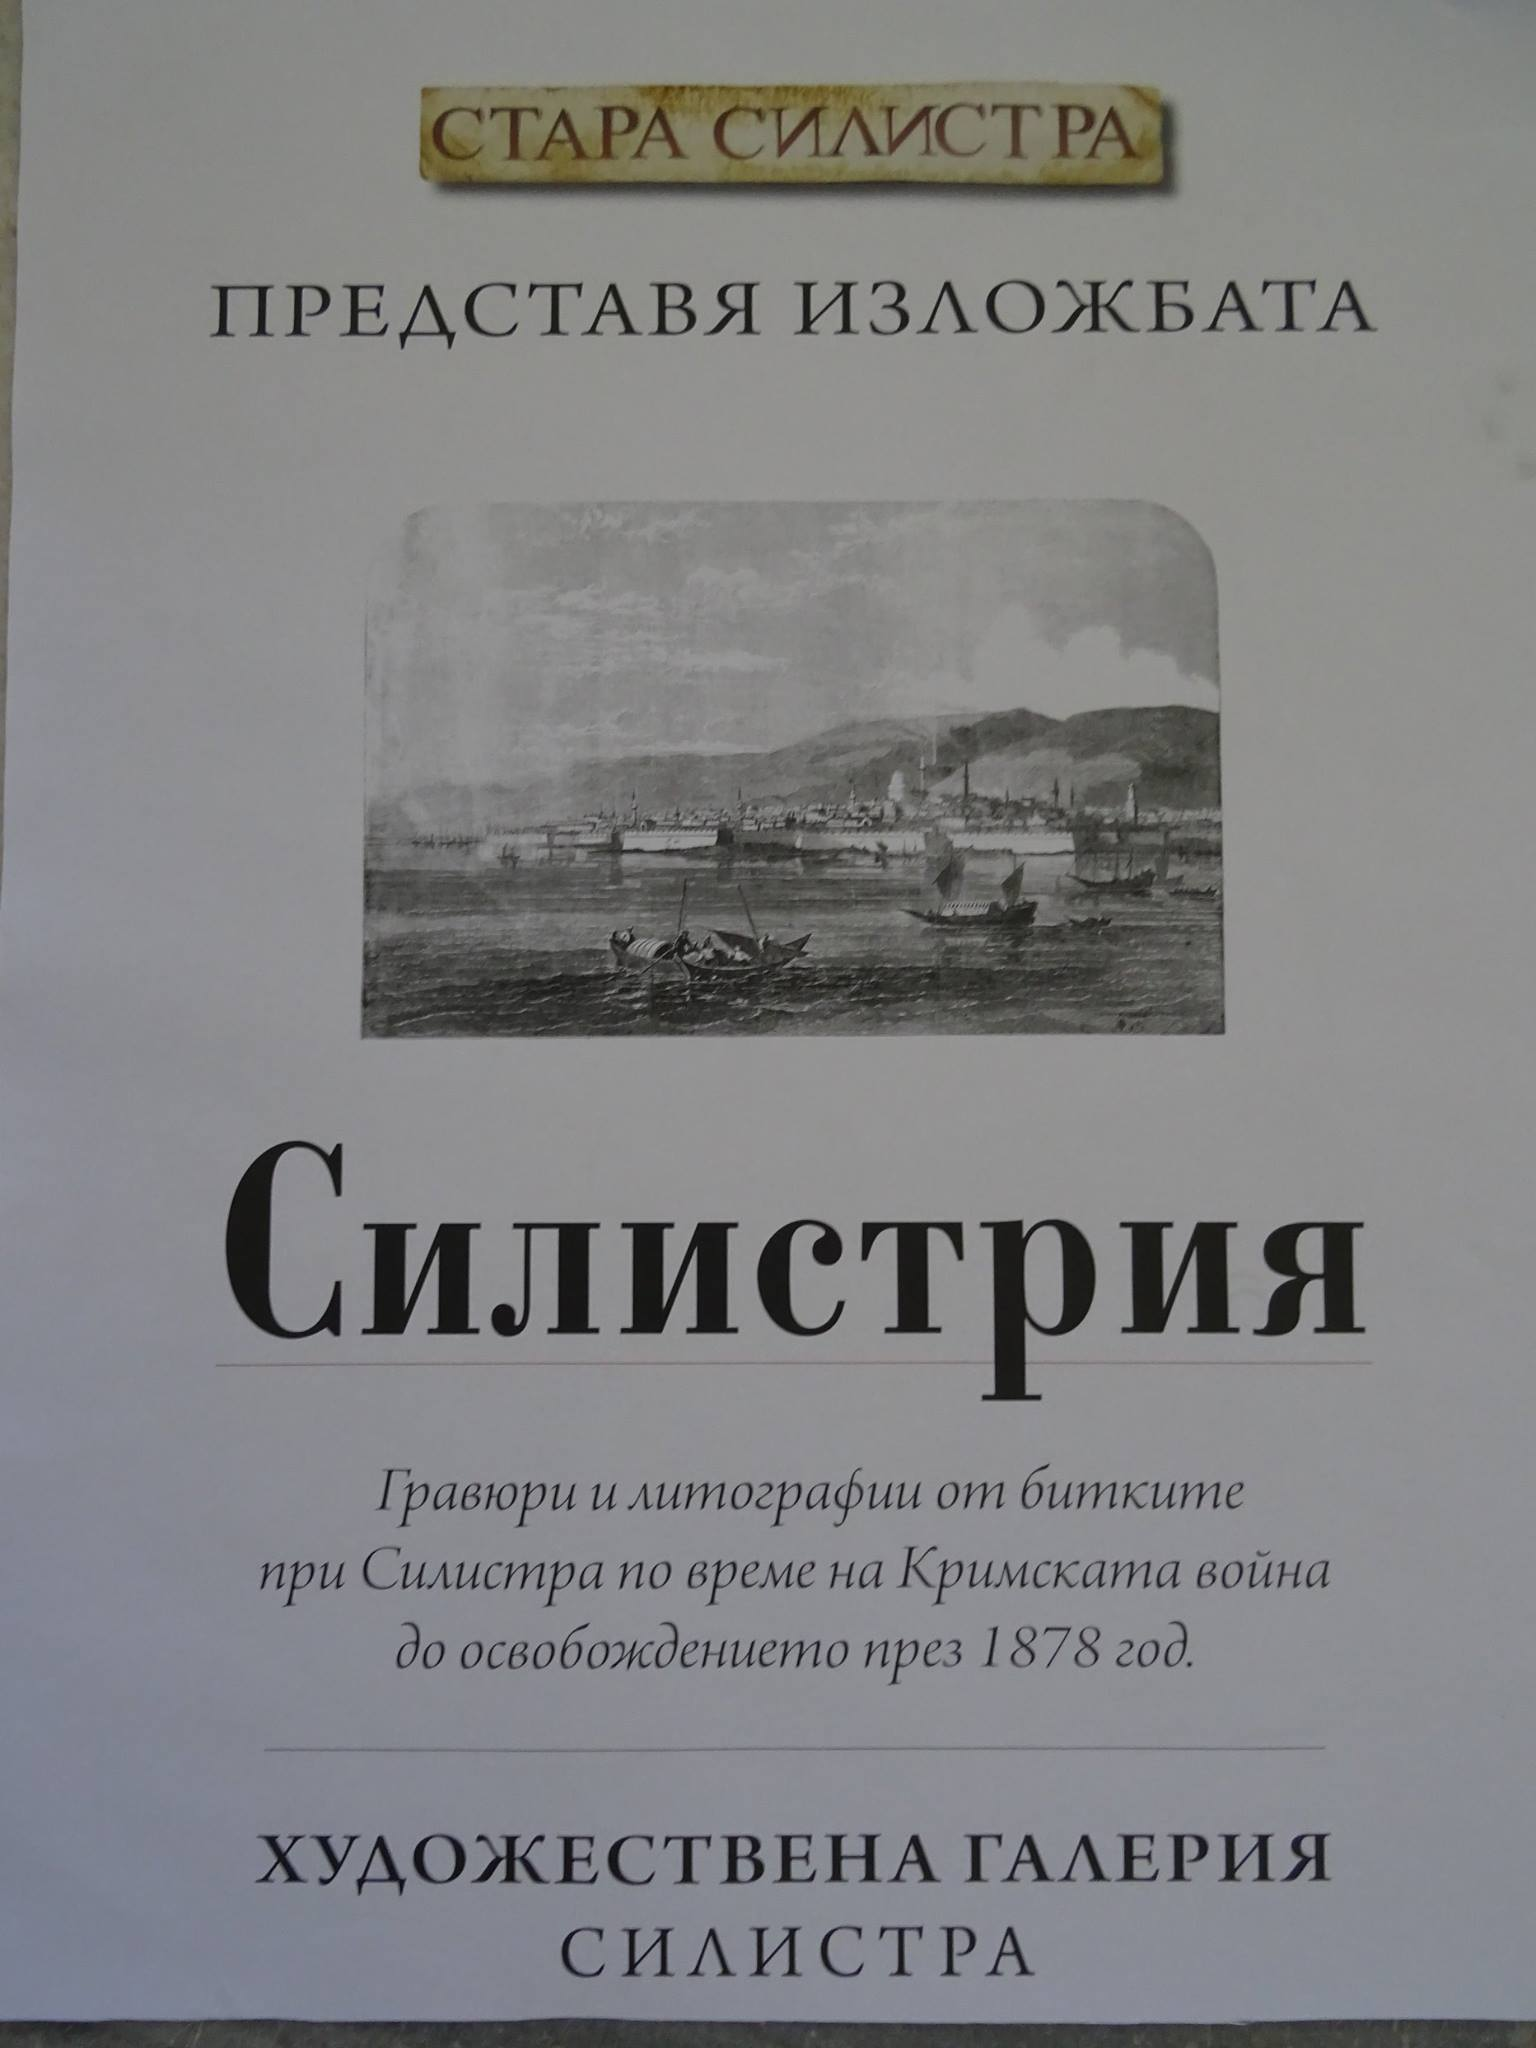 image 4567